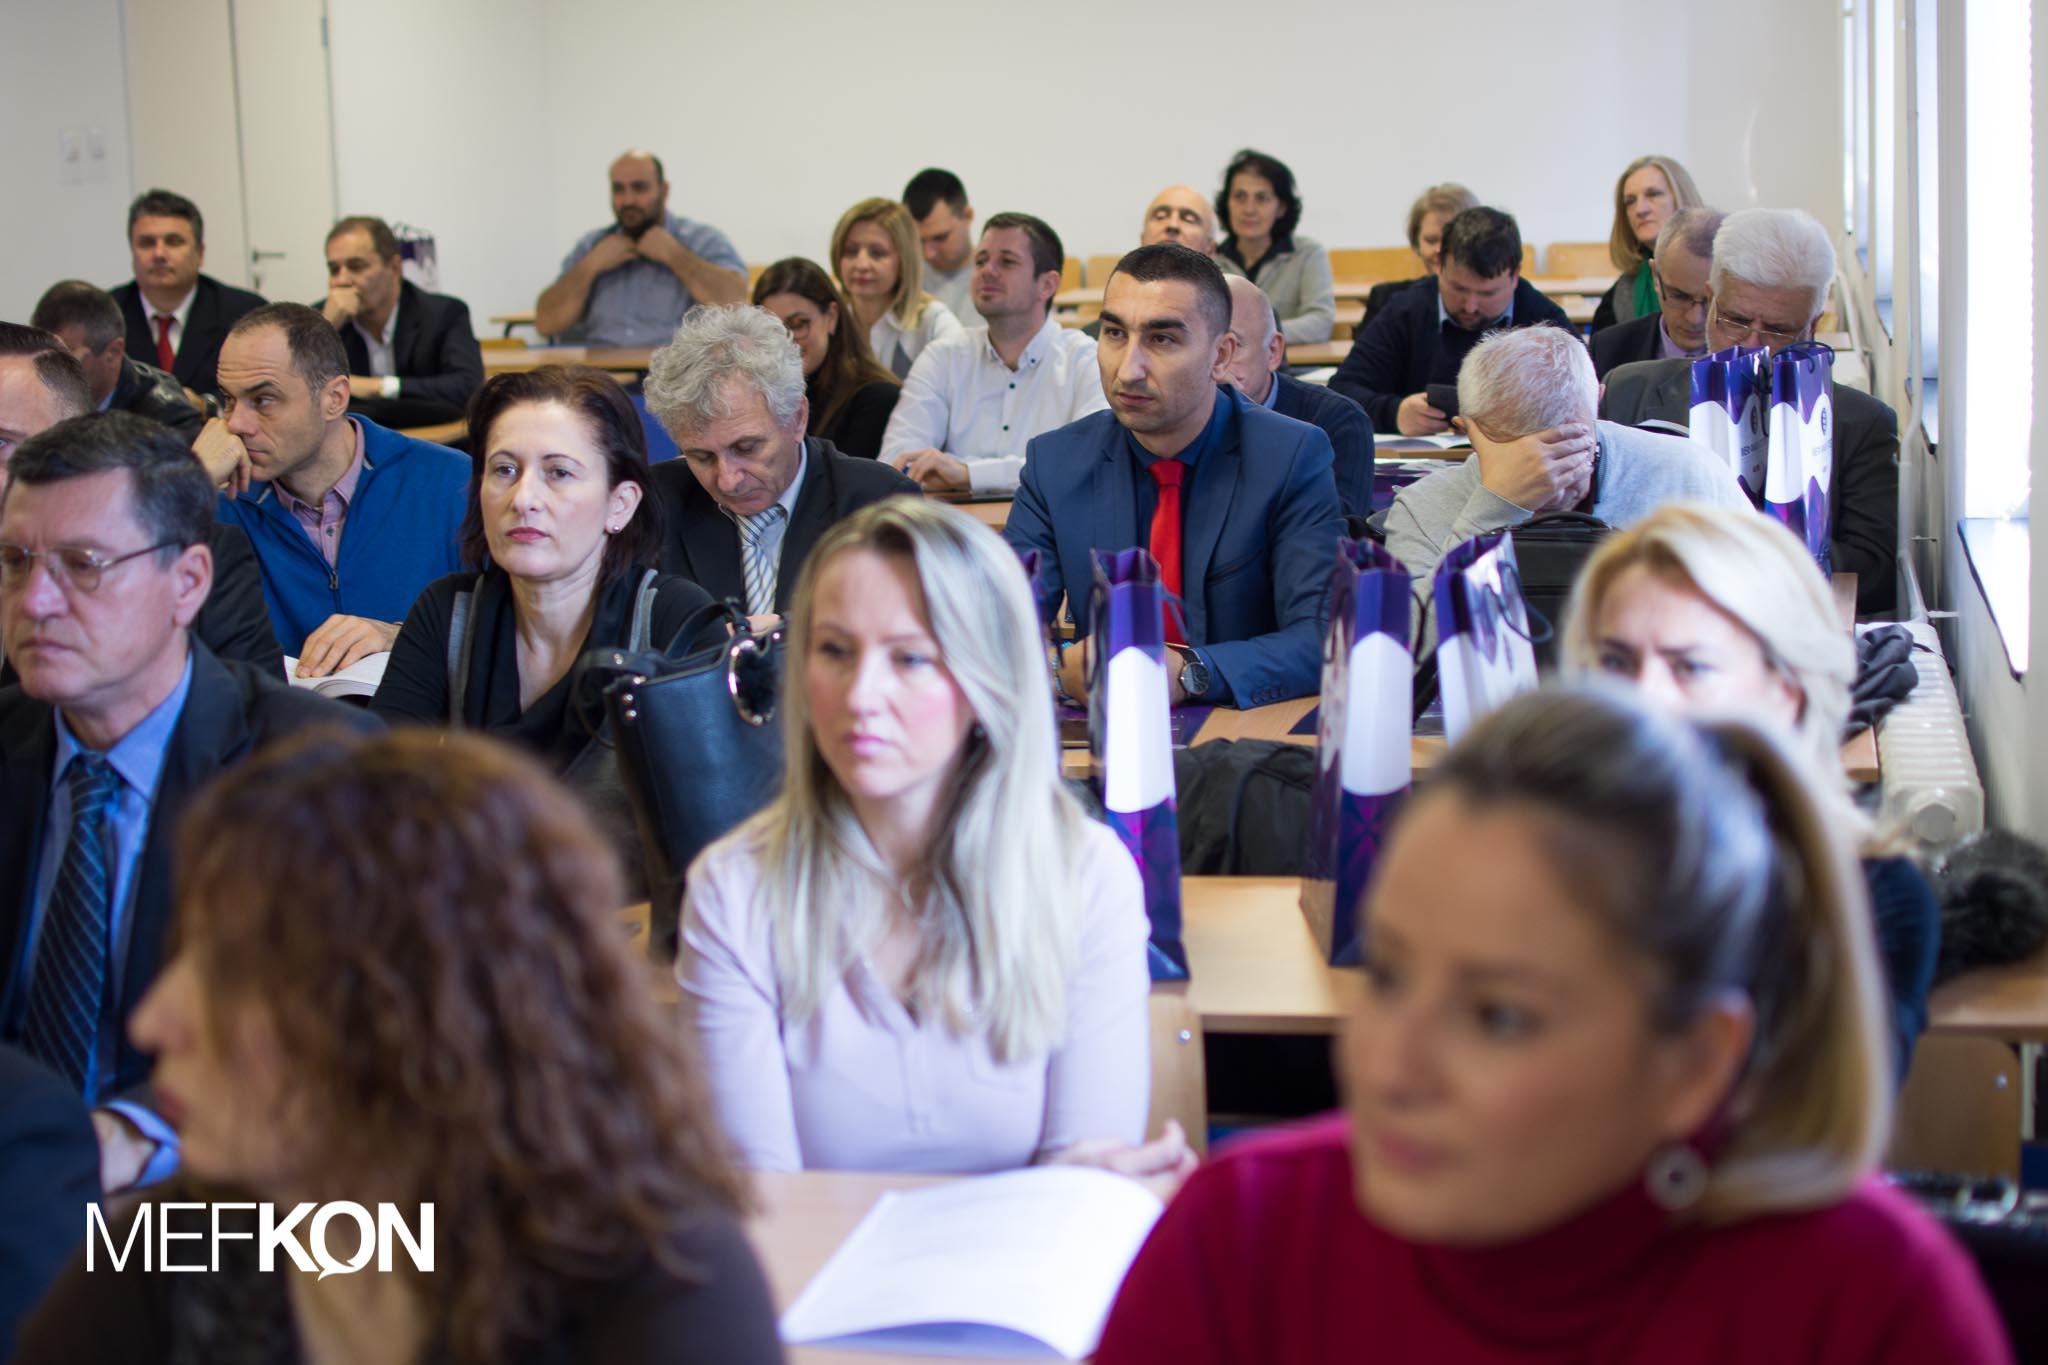 MEF Fakultet - izvestaj sa konferencije 2019 5